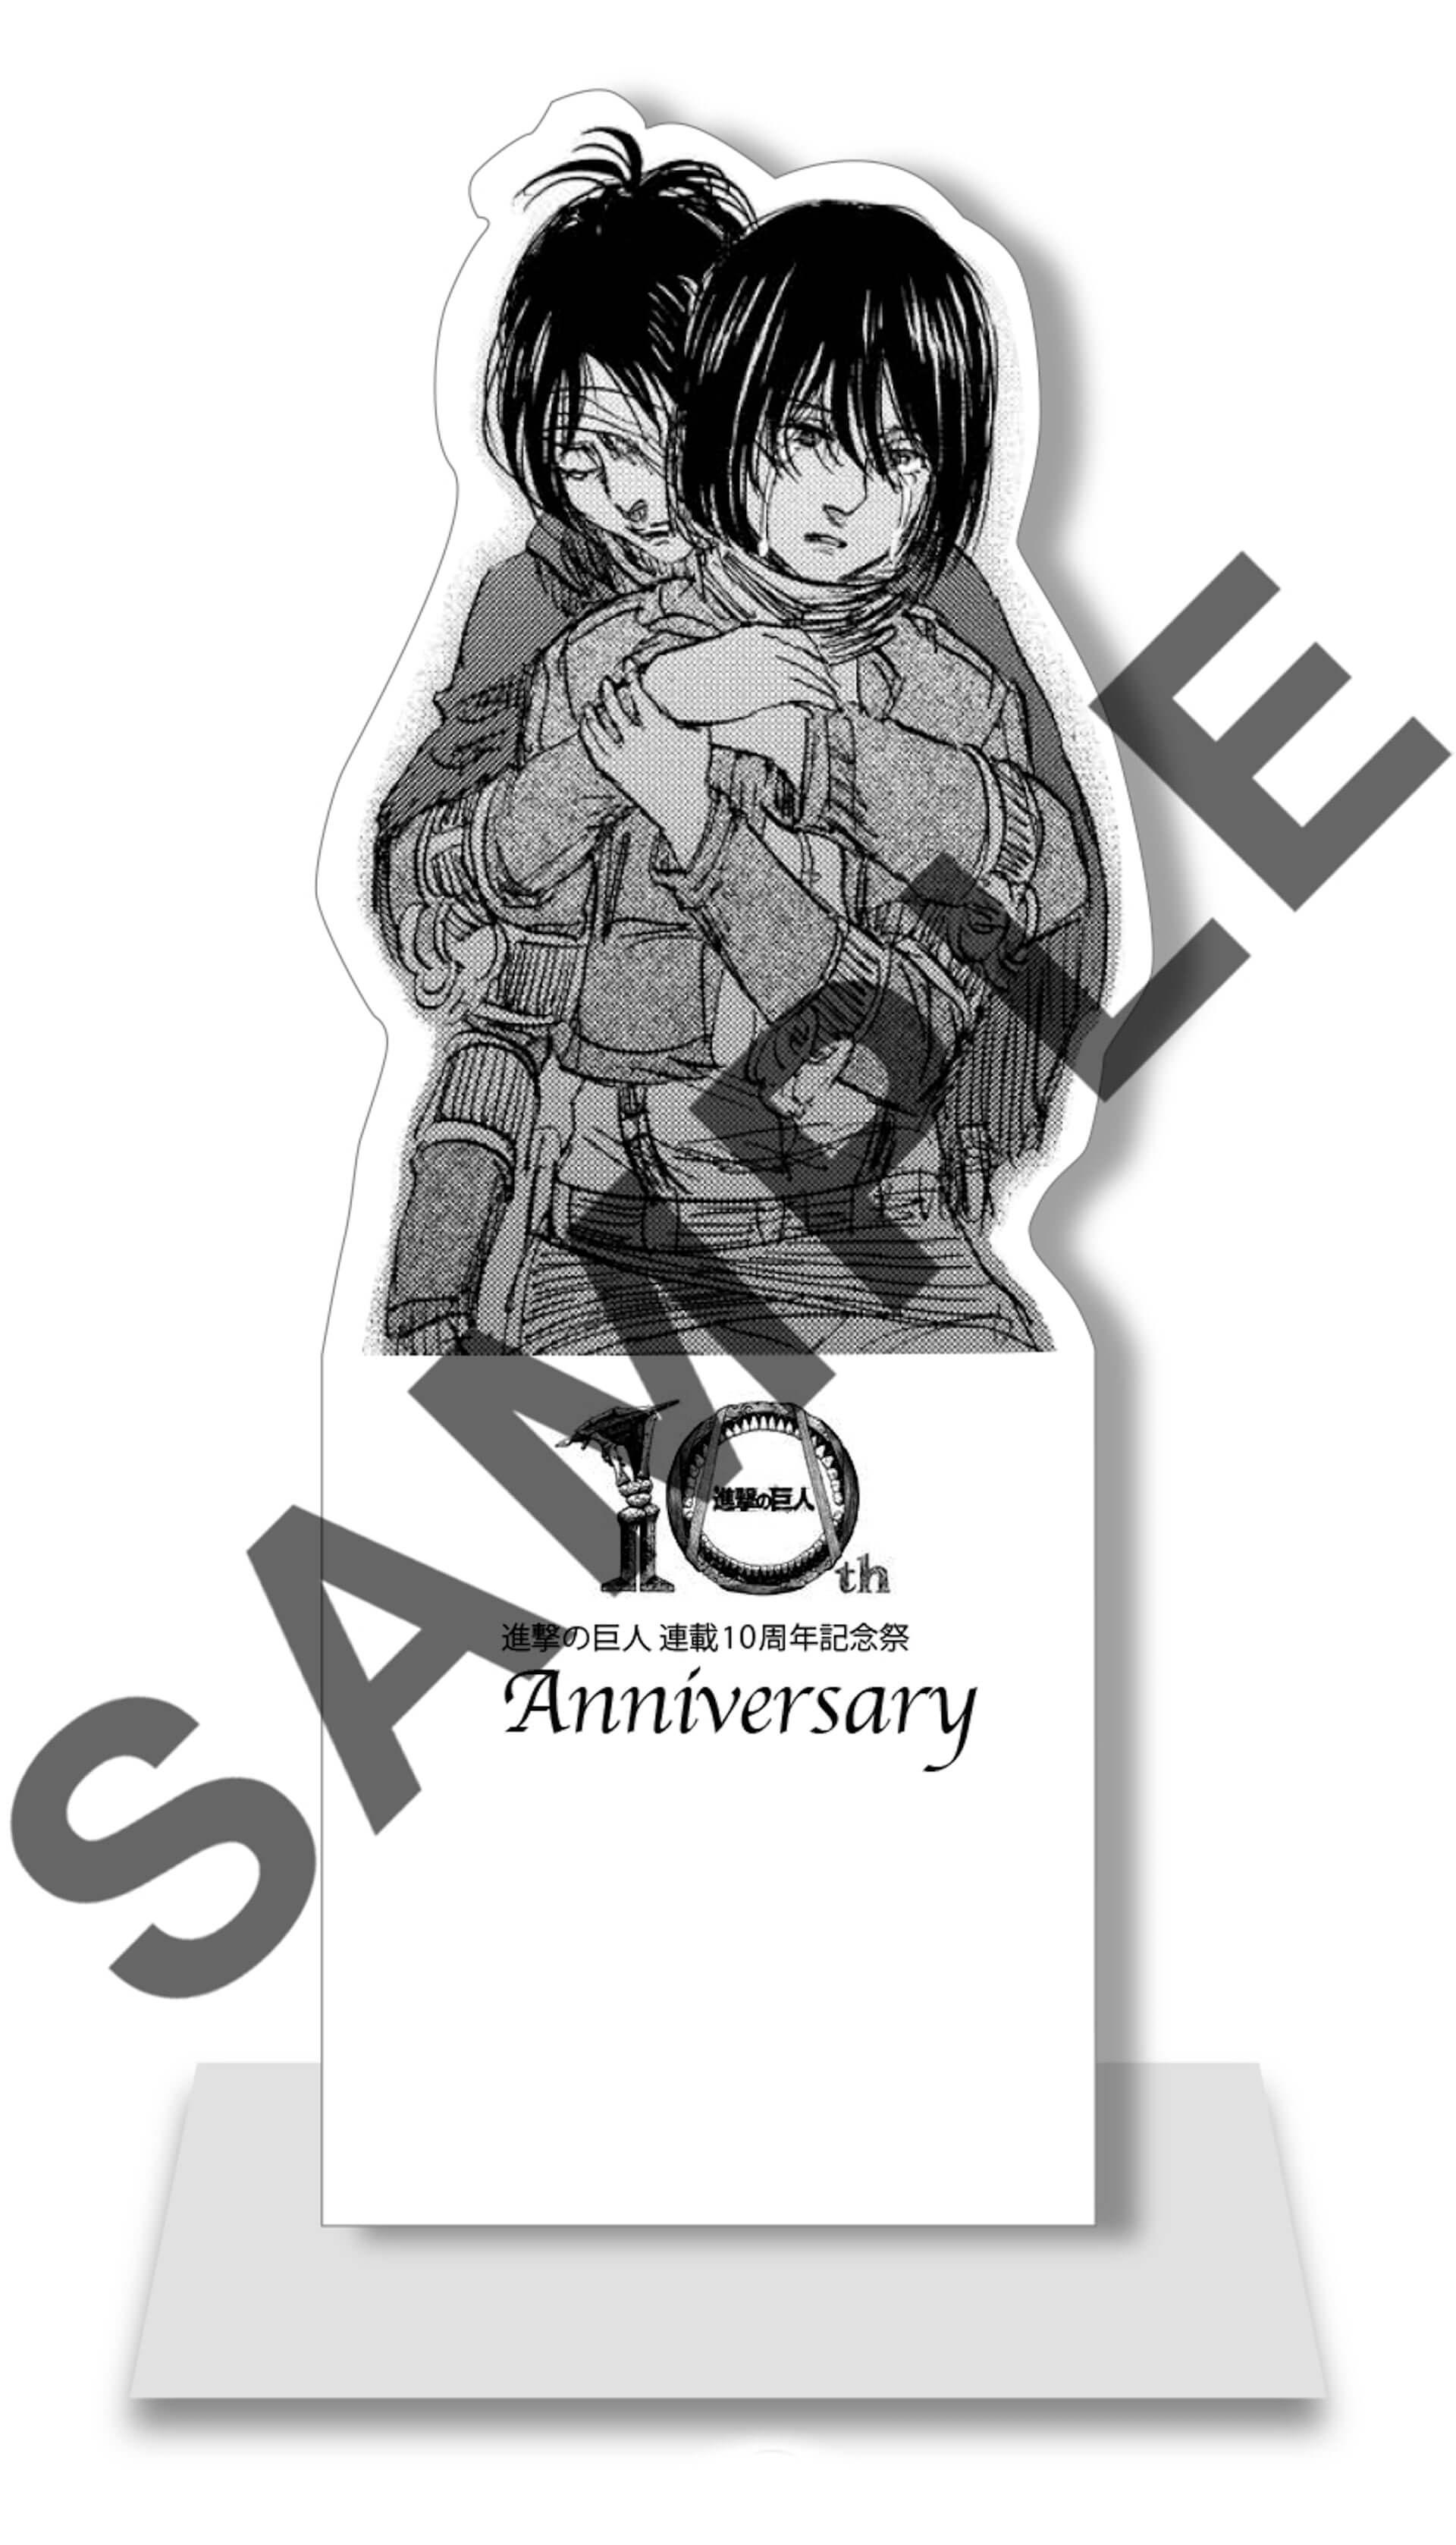 <進撃の巨人展FINAL>まもなく終了!『進撃の巨人』連載10周年記念祭が開催決定|10周年記念ビジュアルも公開 art190903_shingekinokyojin_10_6-1920x3355